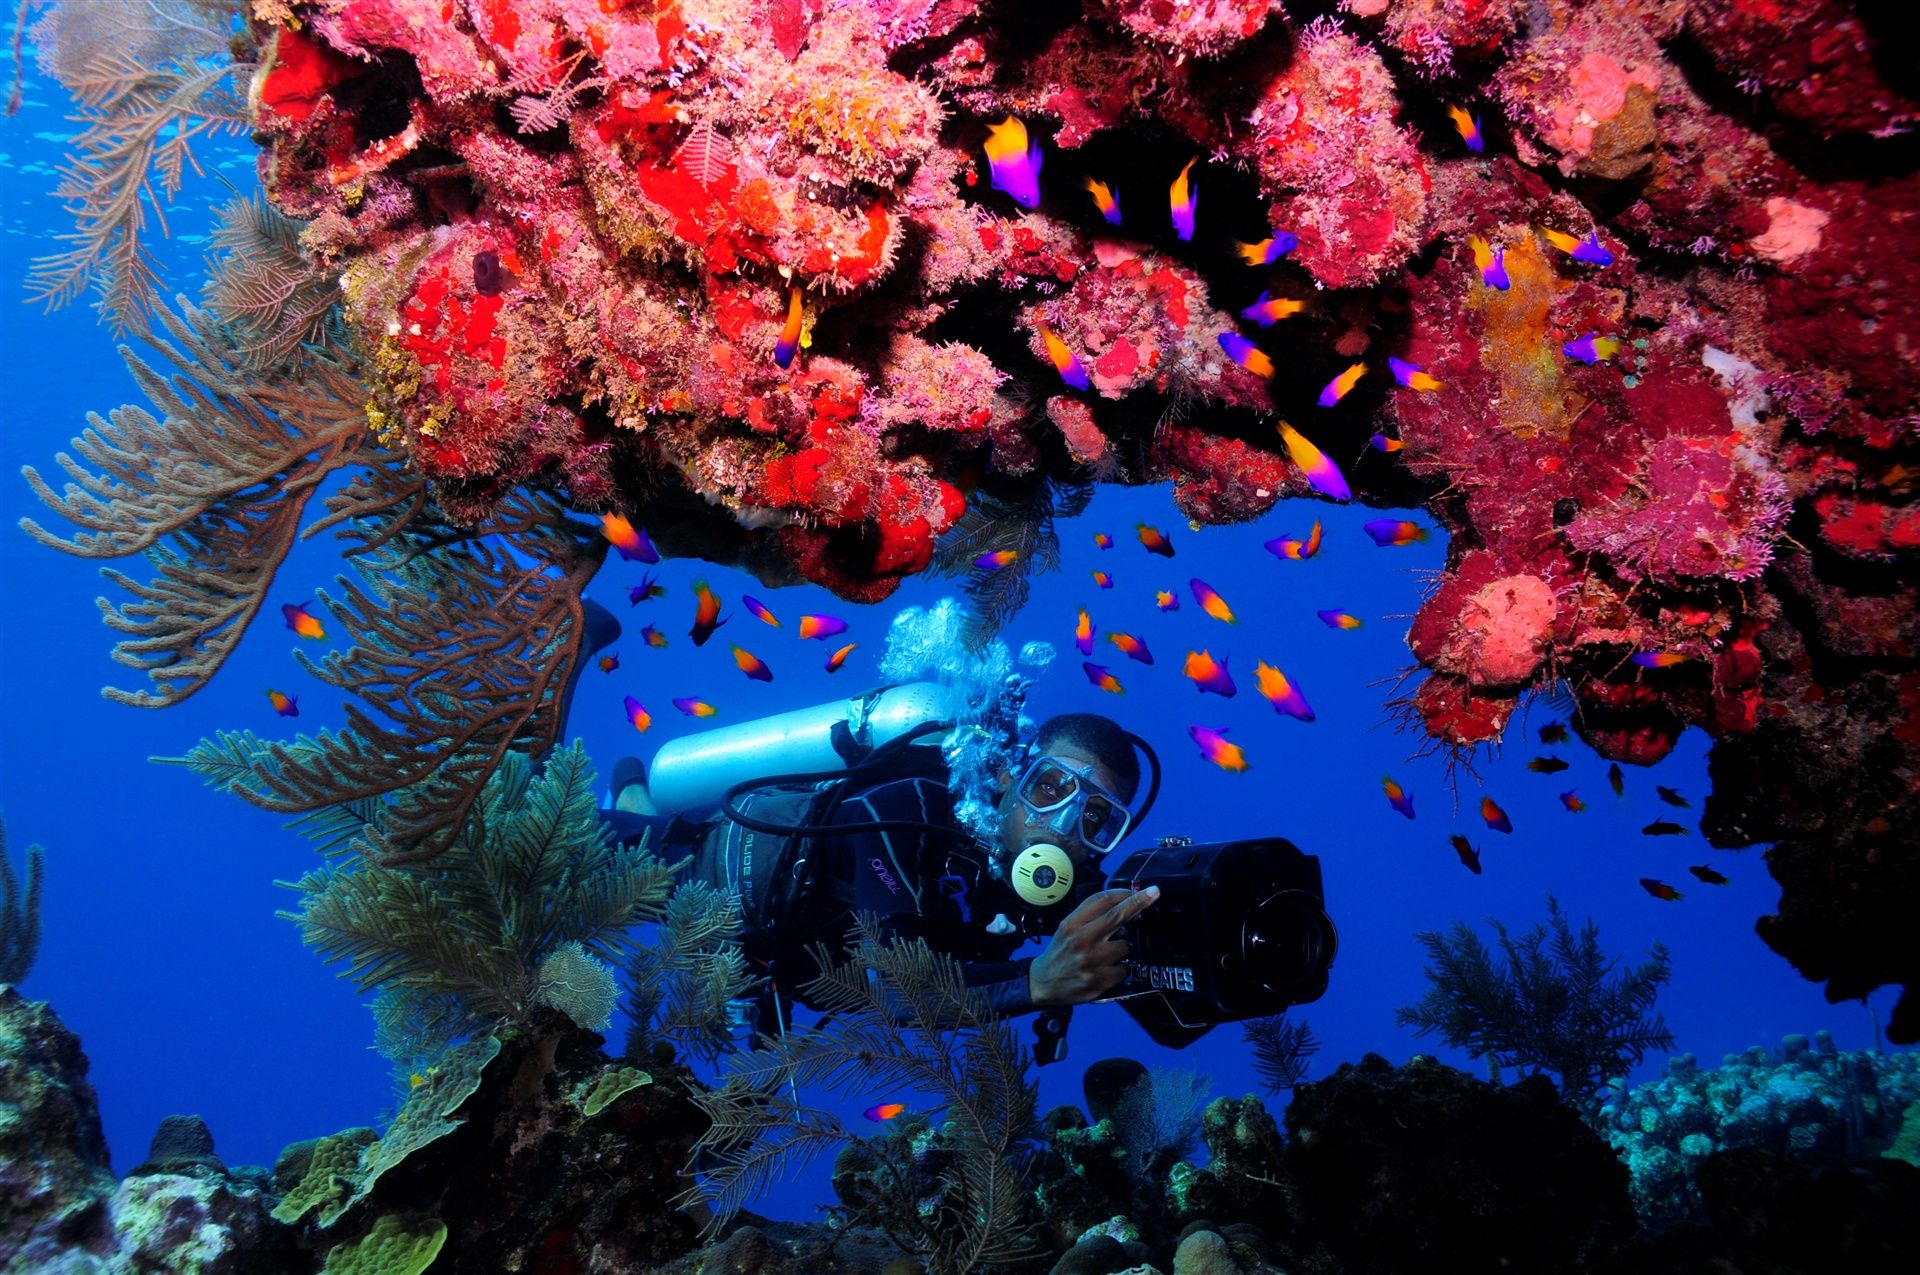 Ảnh lặn biển ngắm san hô